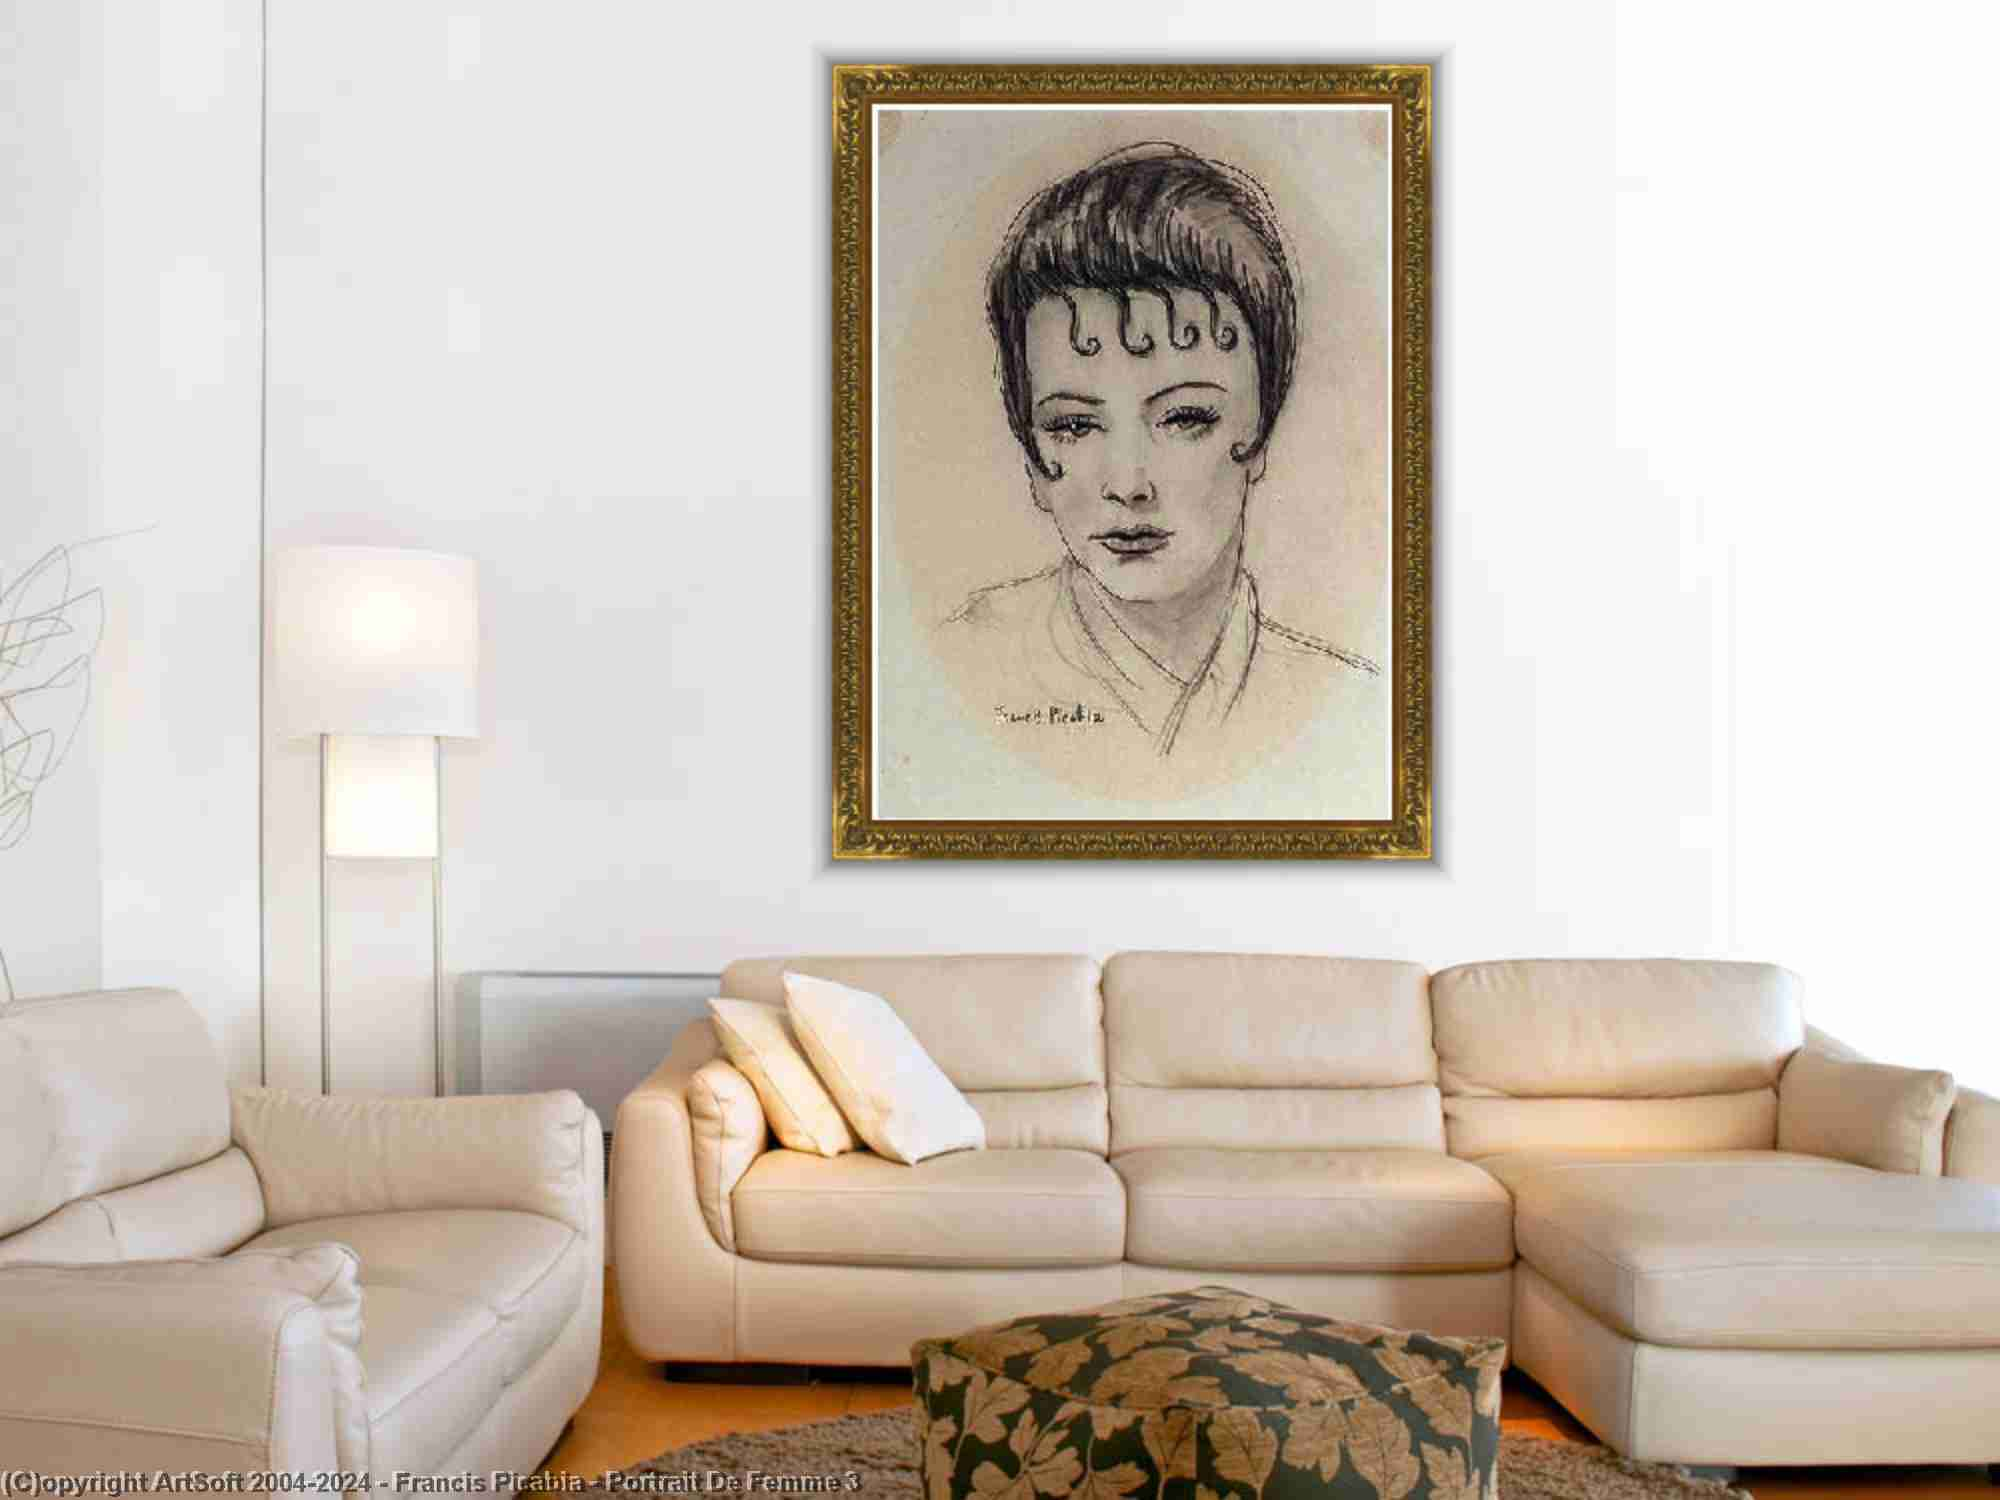 Francis Picabia - portrait de femme 3